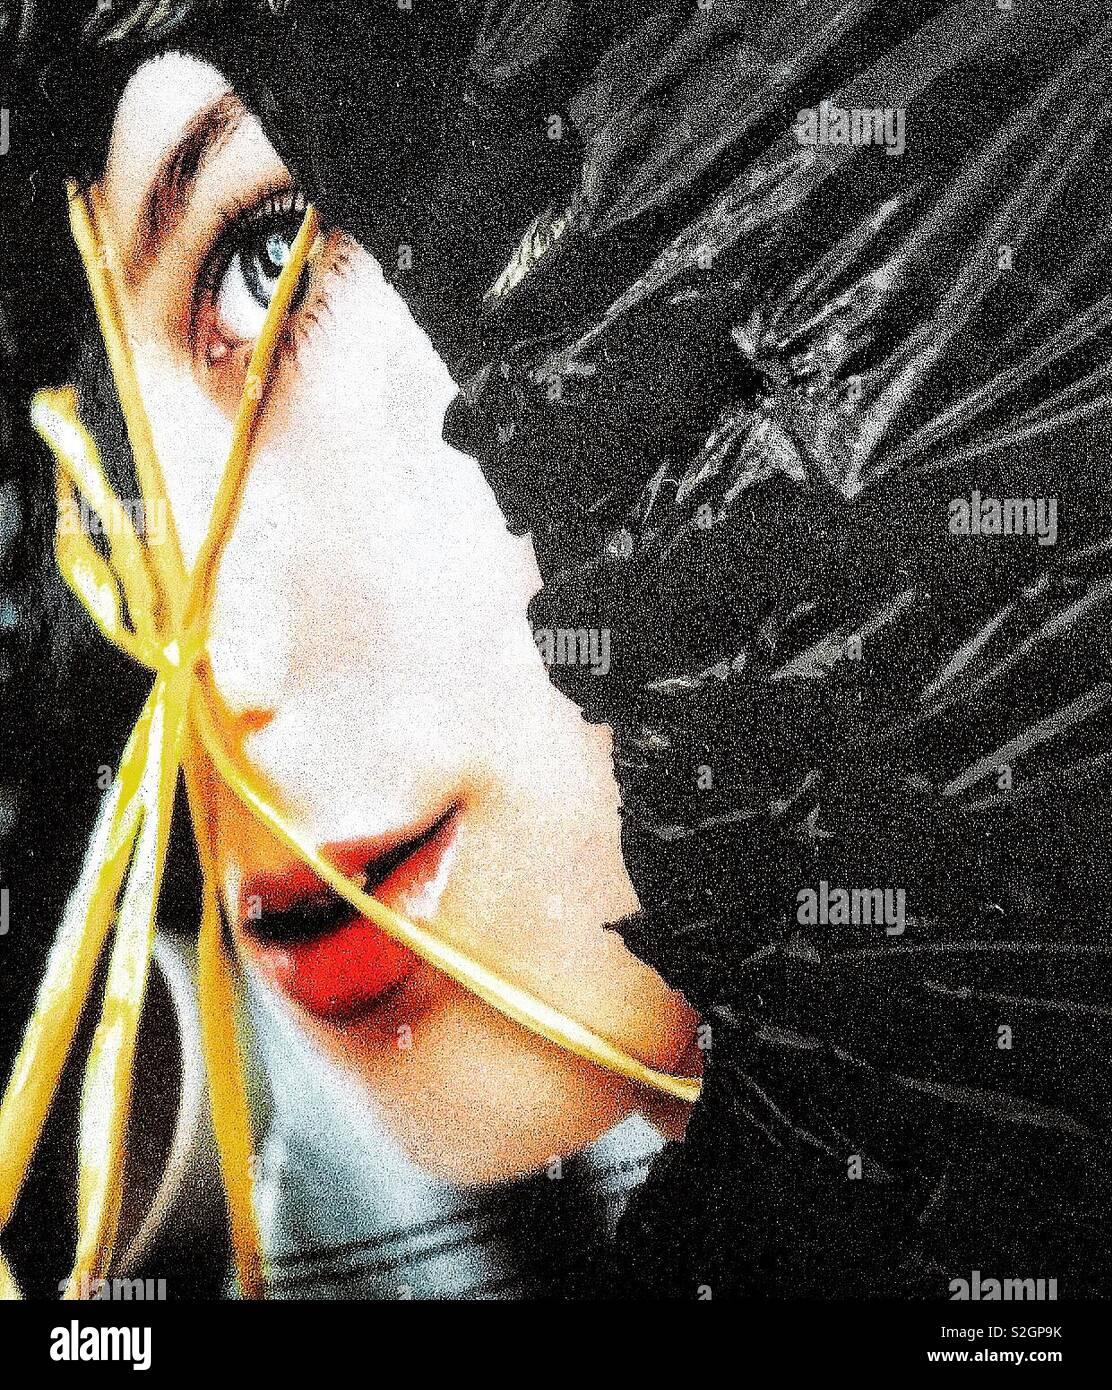 Magazine immagine facciale coetanei di un sacco di rifiuti. Foto Stock